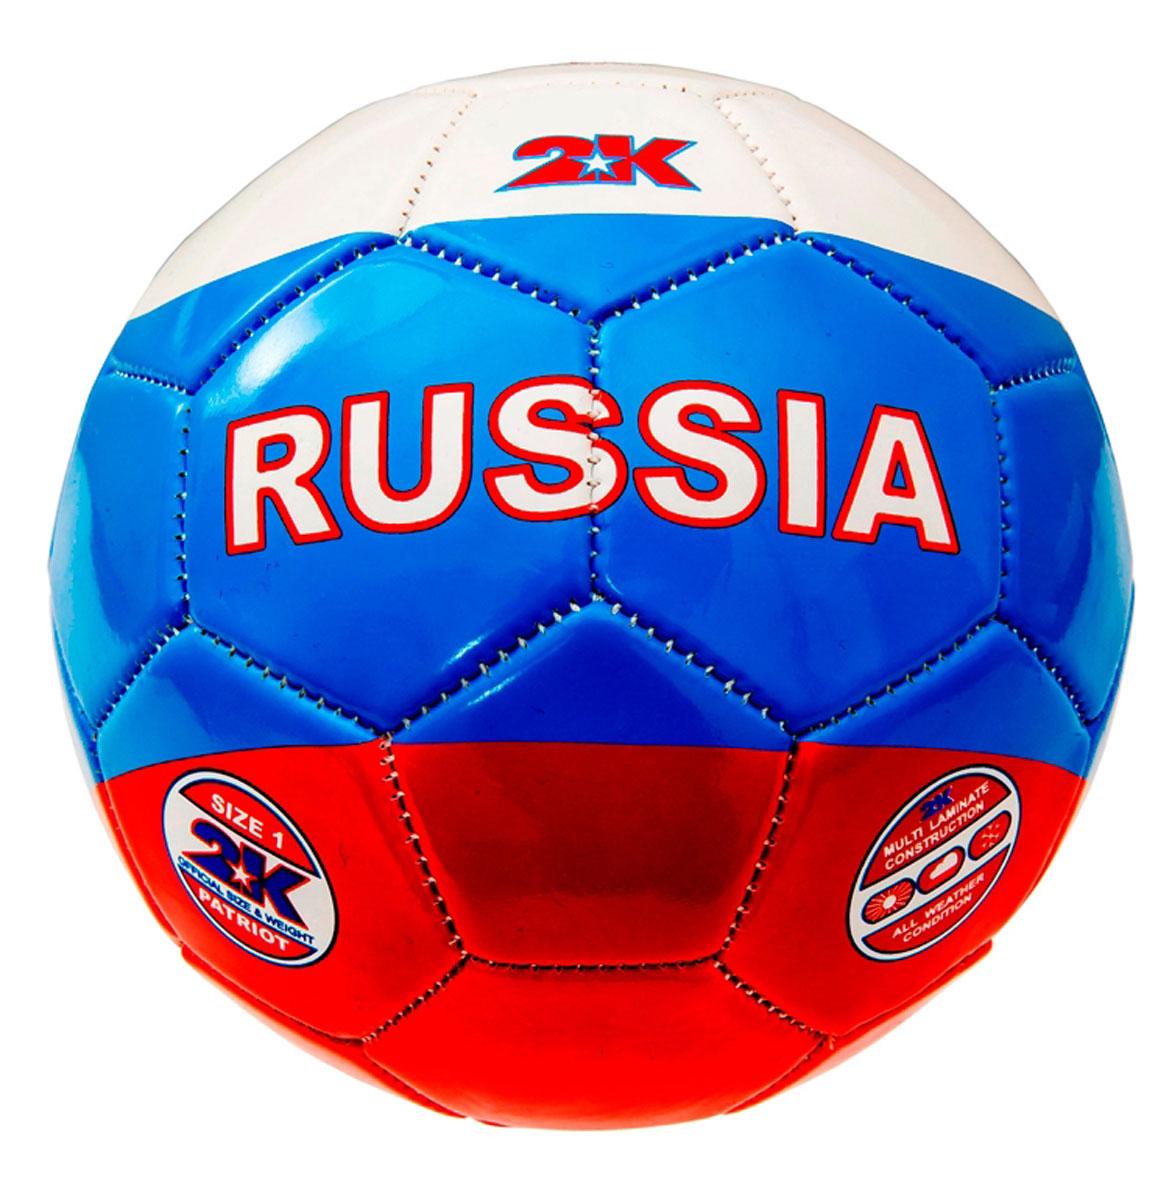 Мяч сувенирный 2K Sport Patriot, цвет: белый, синий, красный. Размер 128257037Сувенирный мяч 2K Sport Patriot украшен символикой Российской Федерации. Подкладка выполнена из трех слоев полиэстера. Камера изготовлена из высококачественного латекса. Машинная сшивка.